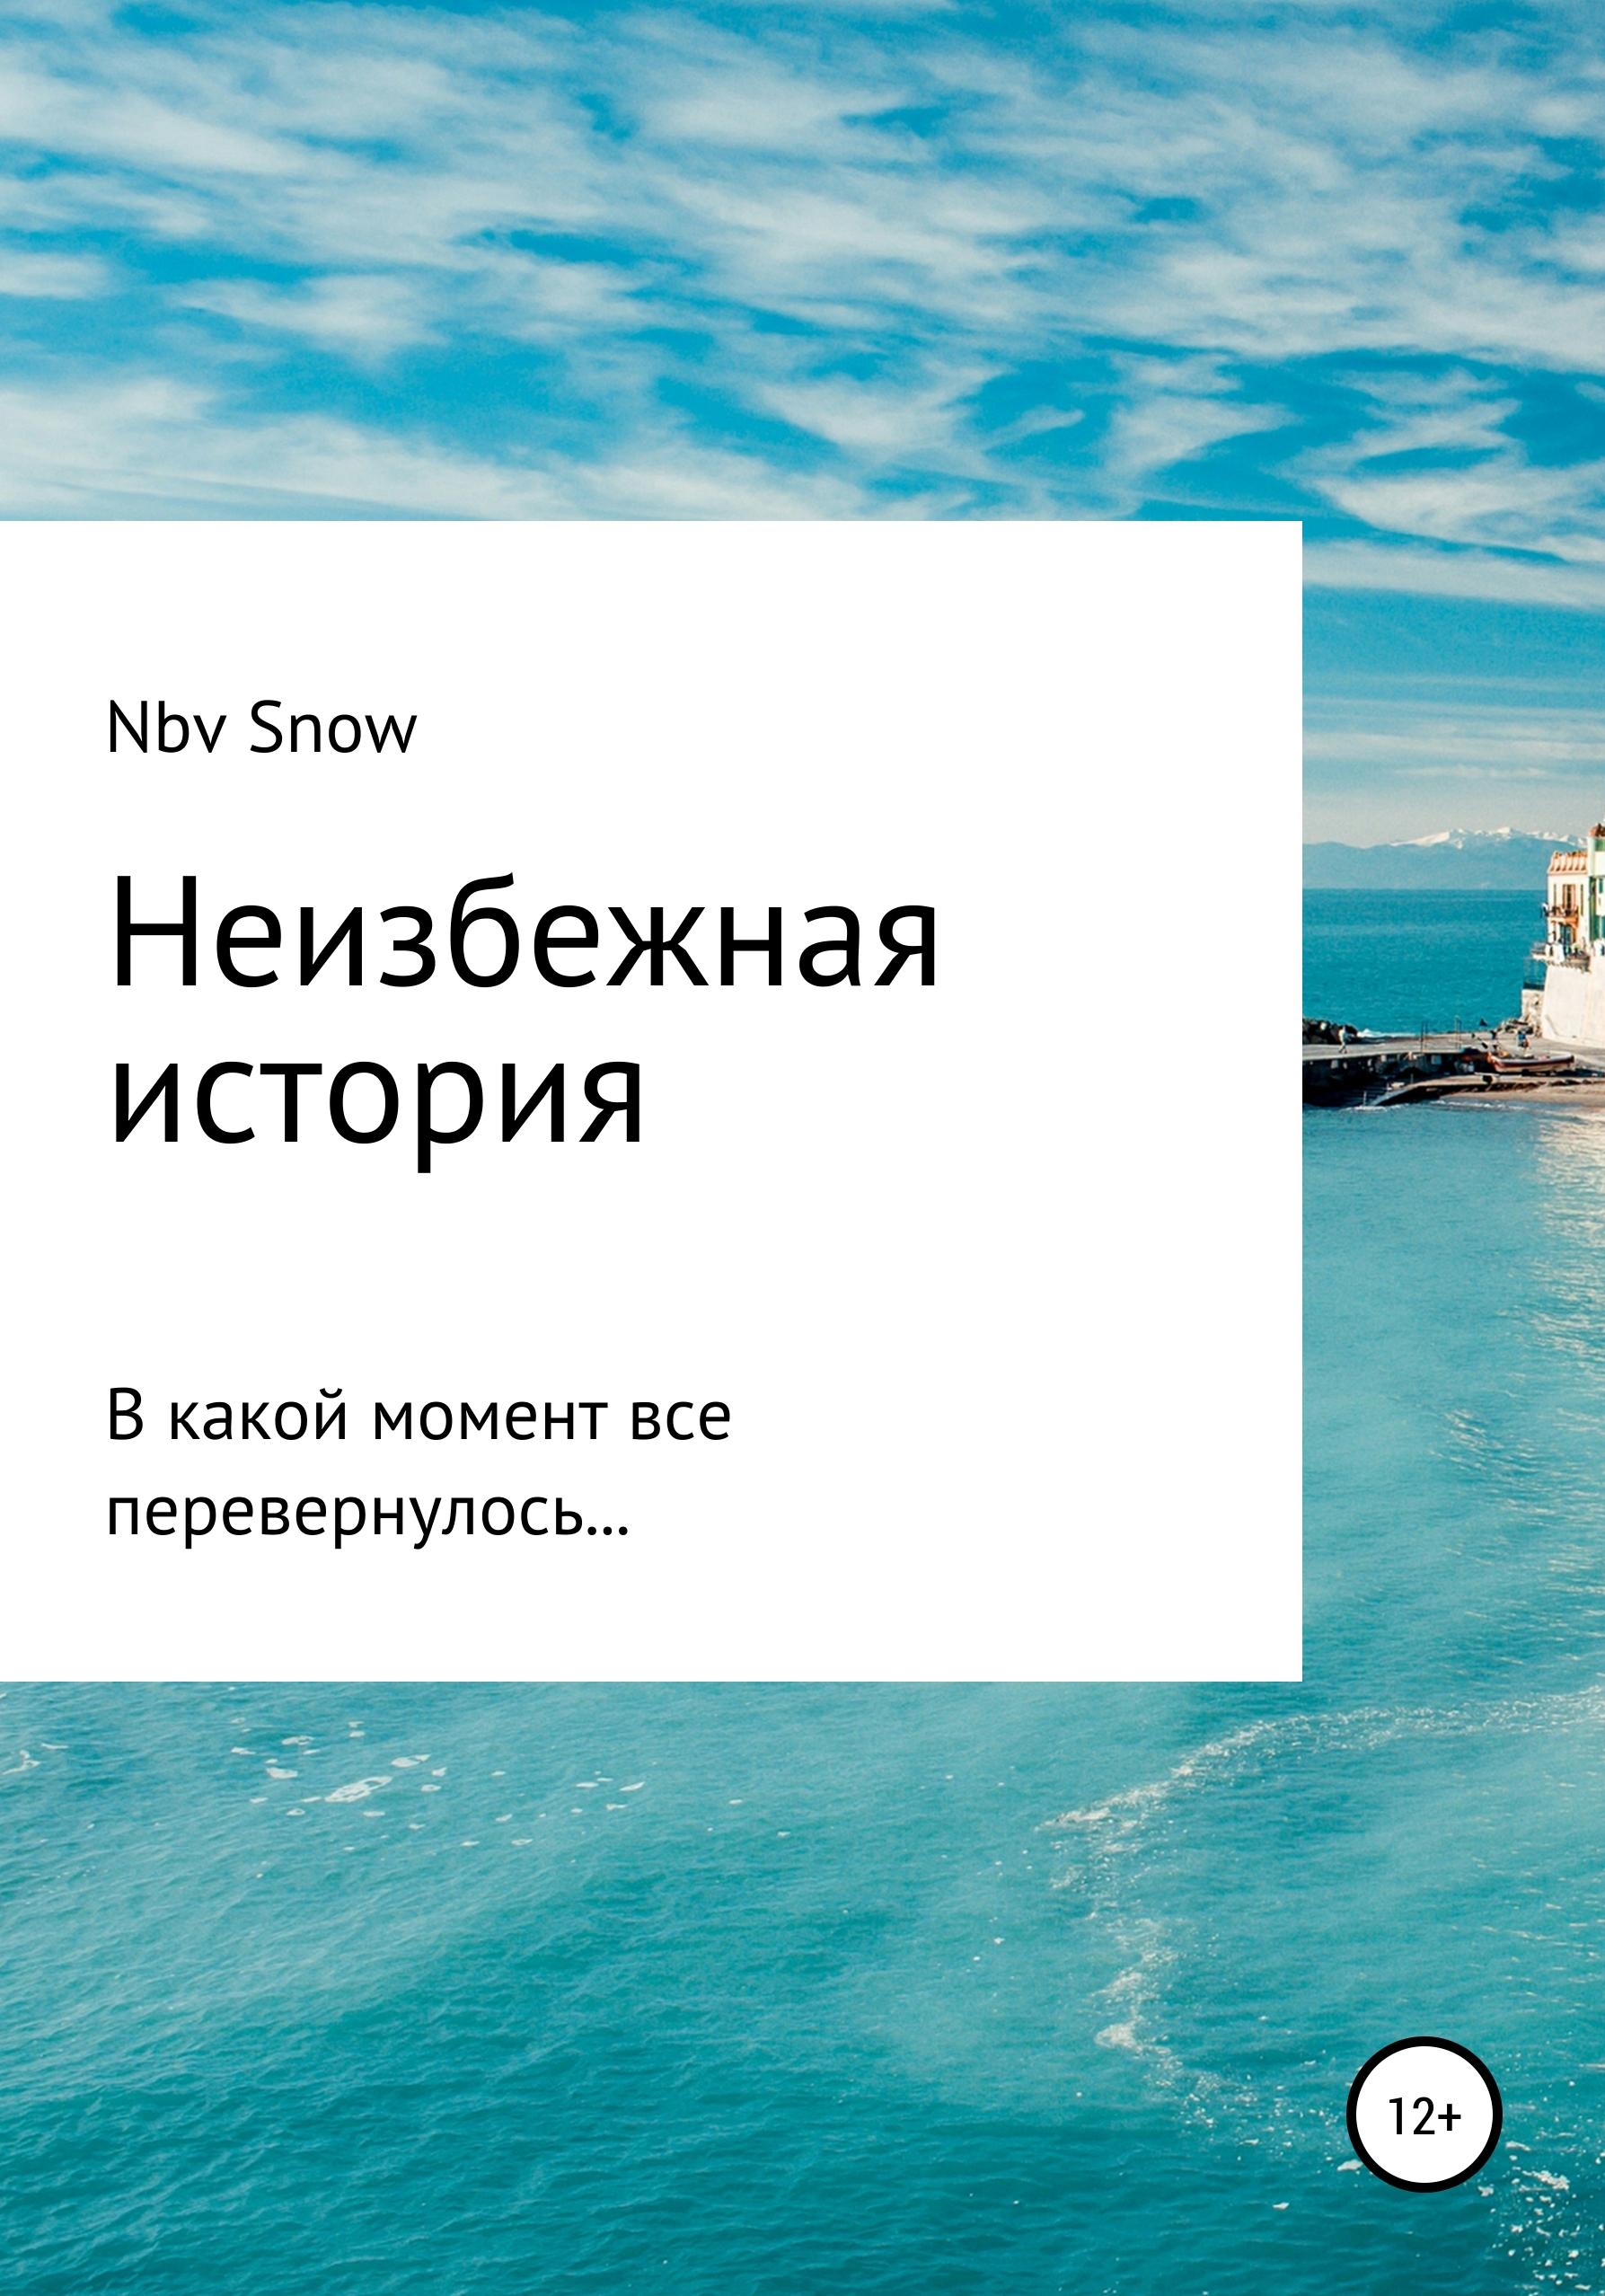 Nov Snow Неизбежная история научно фантастическая литература это